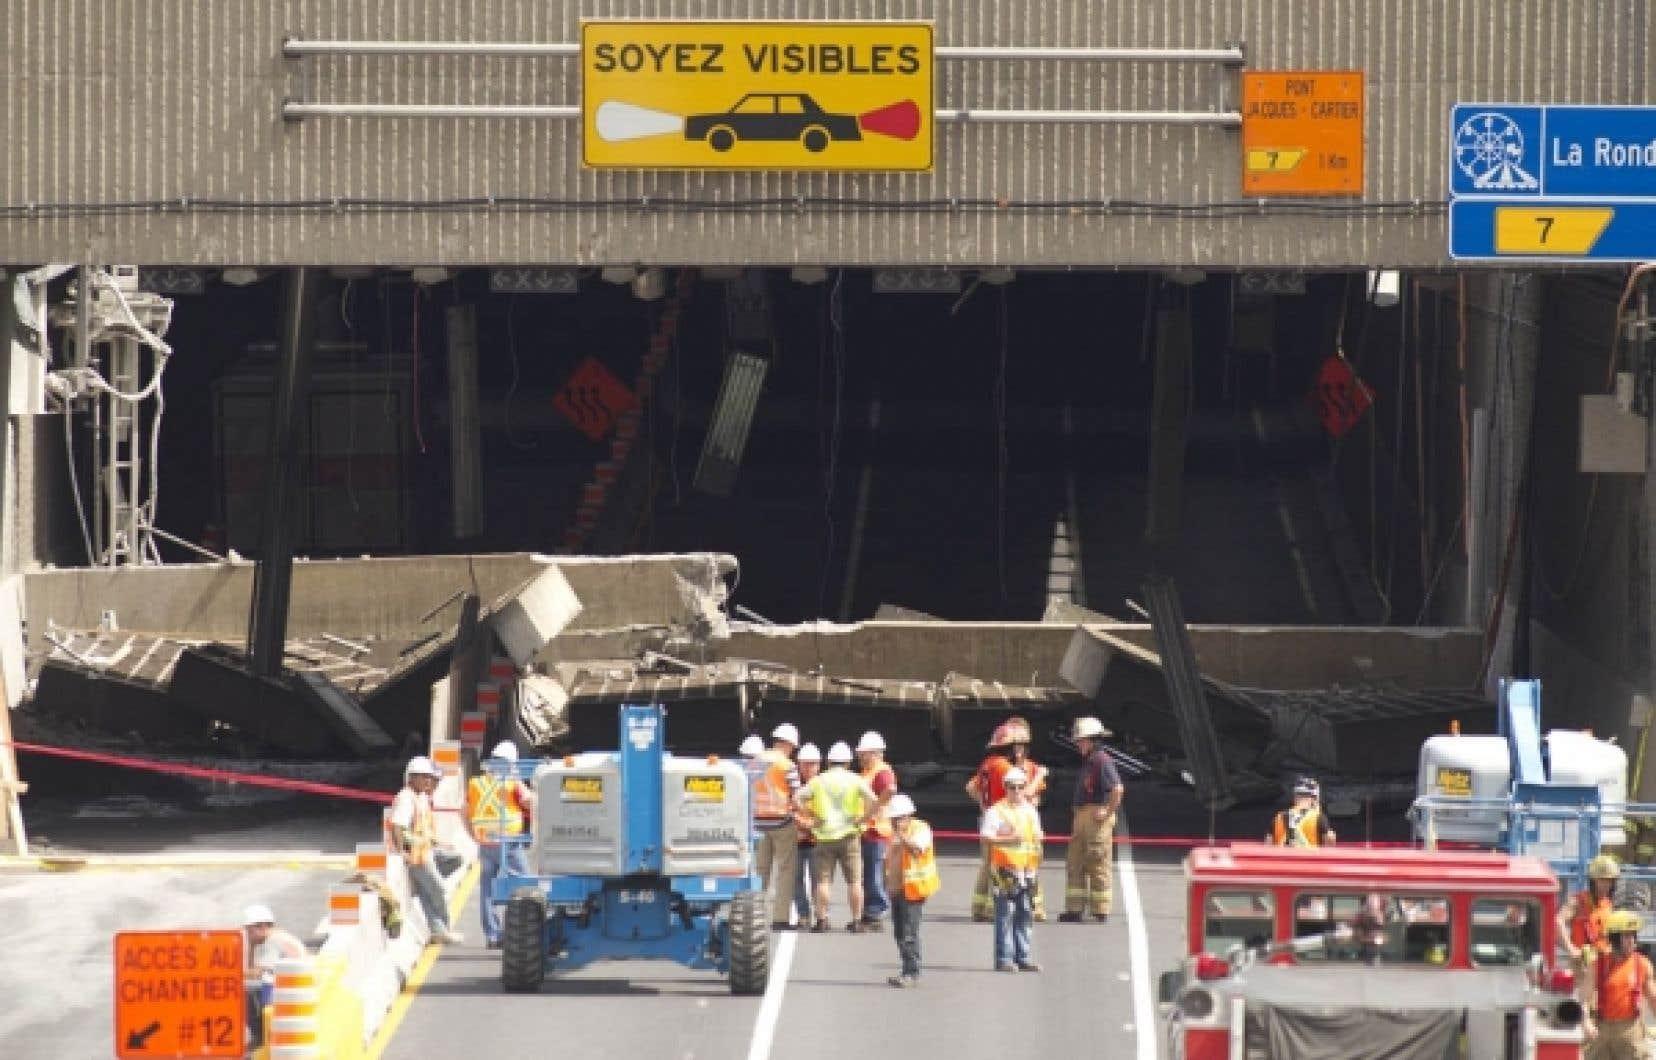 Le 31 juillet dernier, une poutre de 25 tonnes s'est écrasée sur la chaussée à l'entrée du tunnel Viger, entraînant dans sa chute des paralumes. L'accident n'a fait aucune victime.<br />